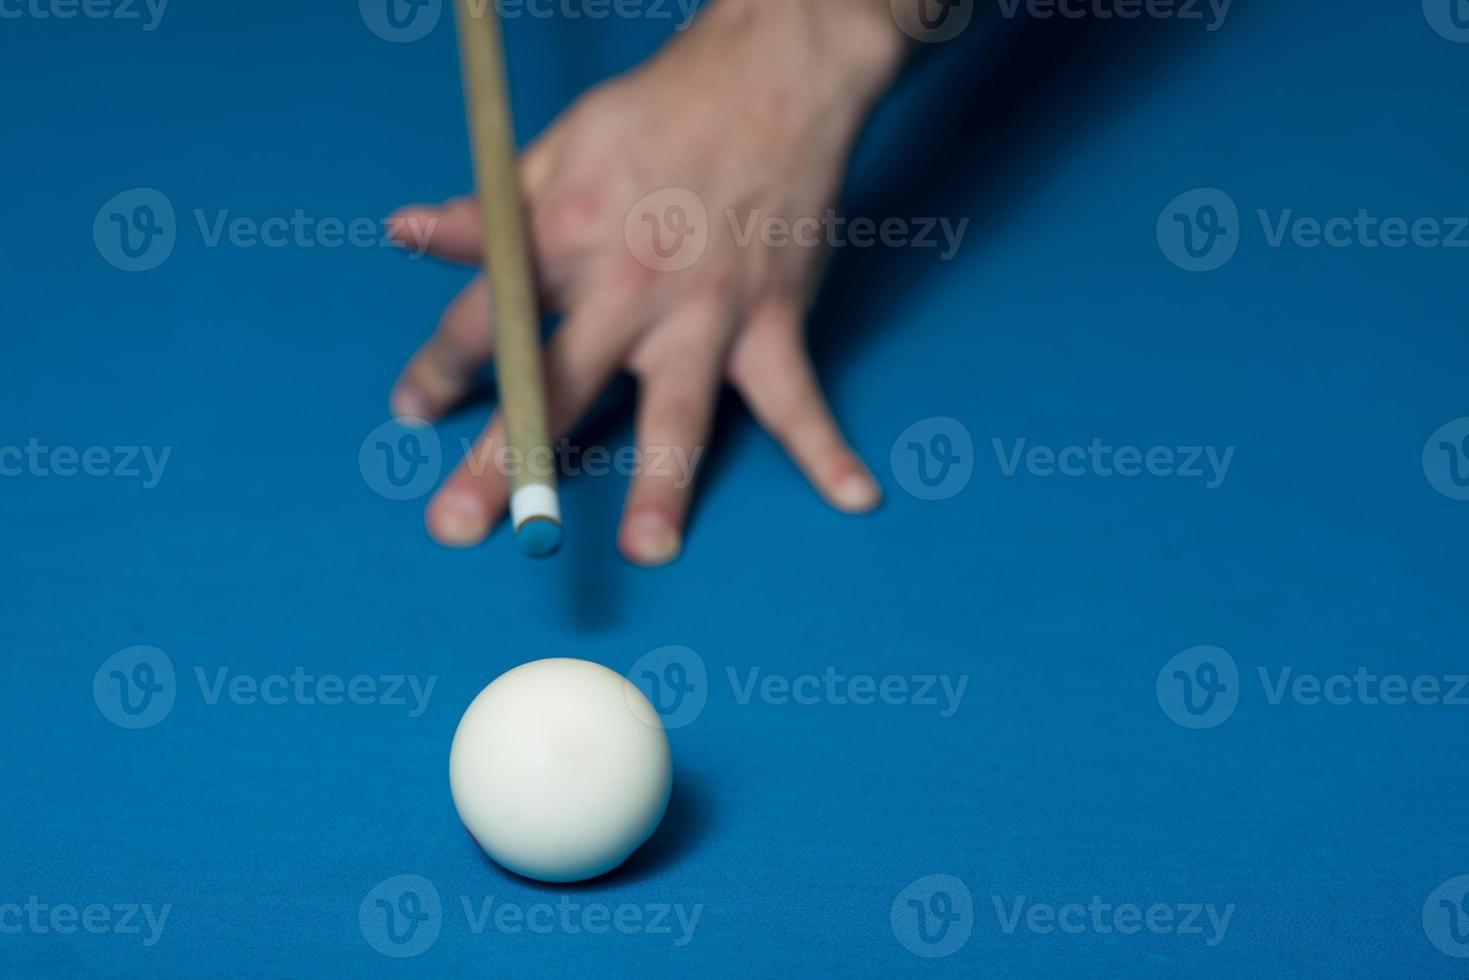 primer plano de una bola blanca esperando para disparar foto